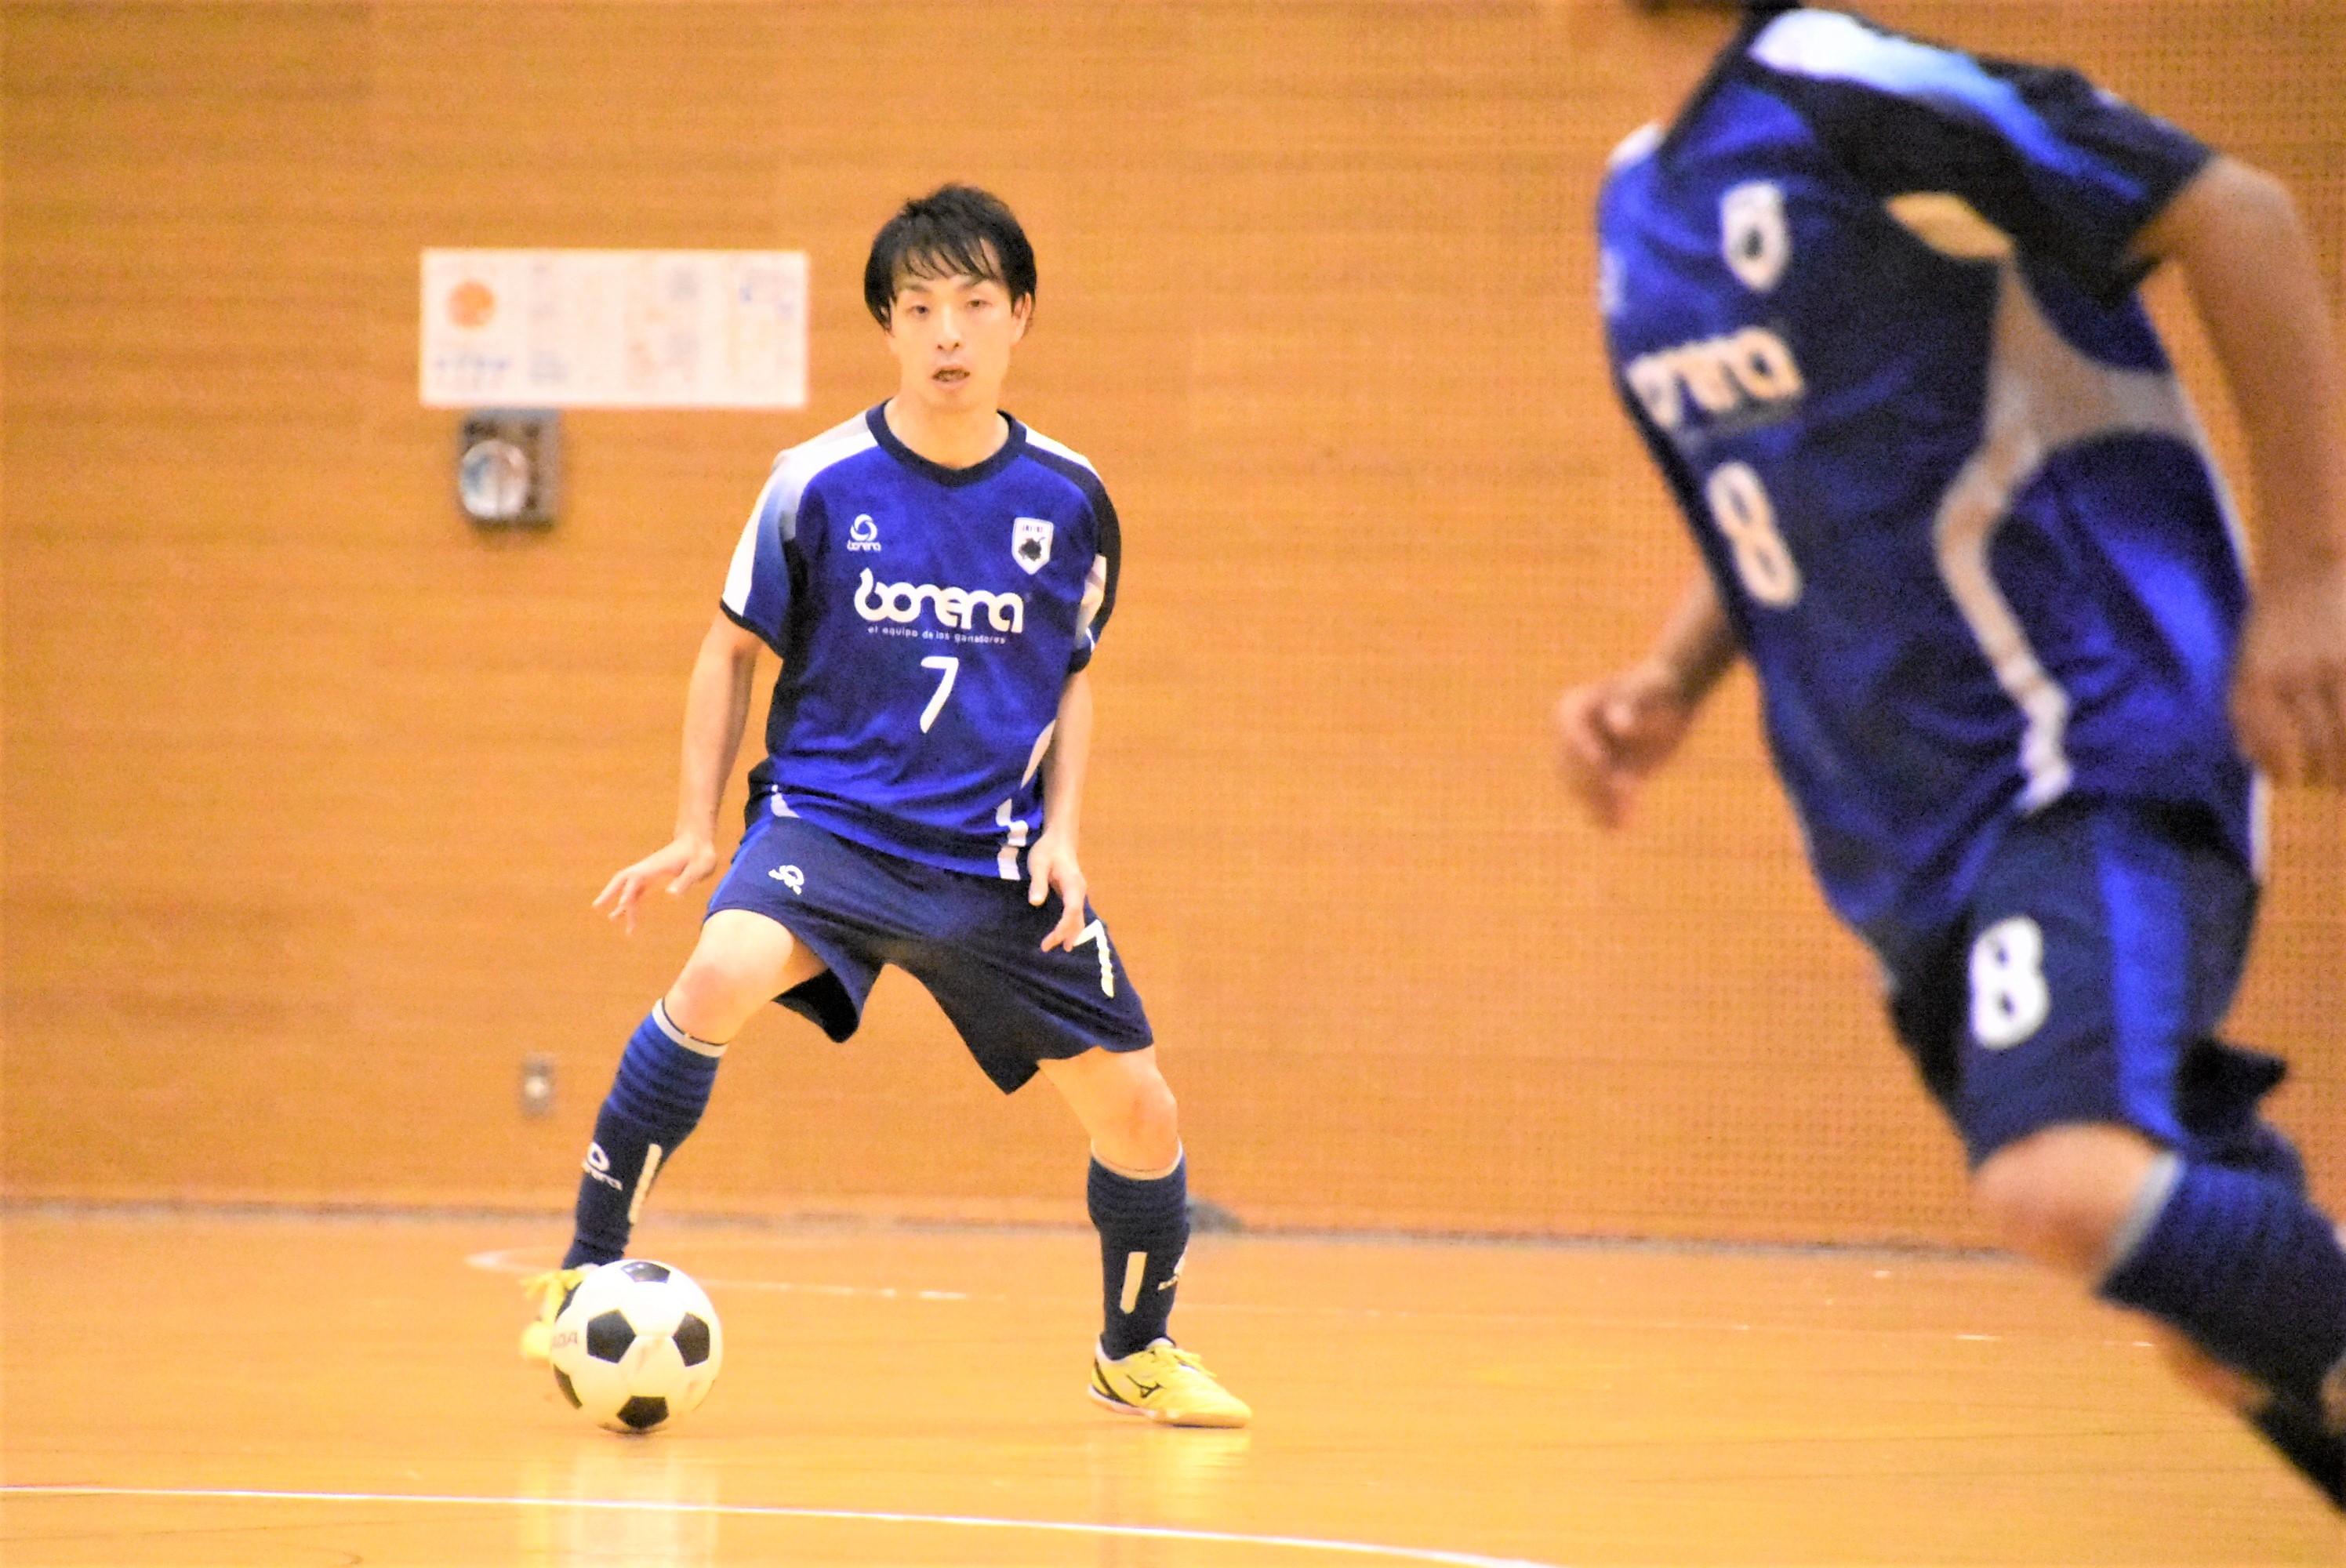 【愛知県1部第3節インタビュー】INFINI FUTSAL CLUB 伊藤 良介選手「勝つということは最高に気持ちいいものだと再確認できました!」